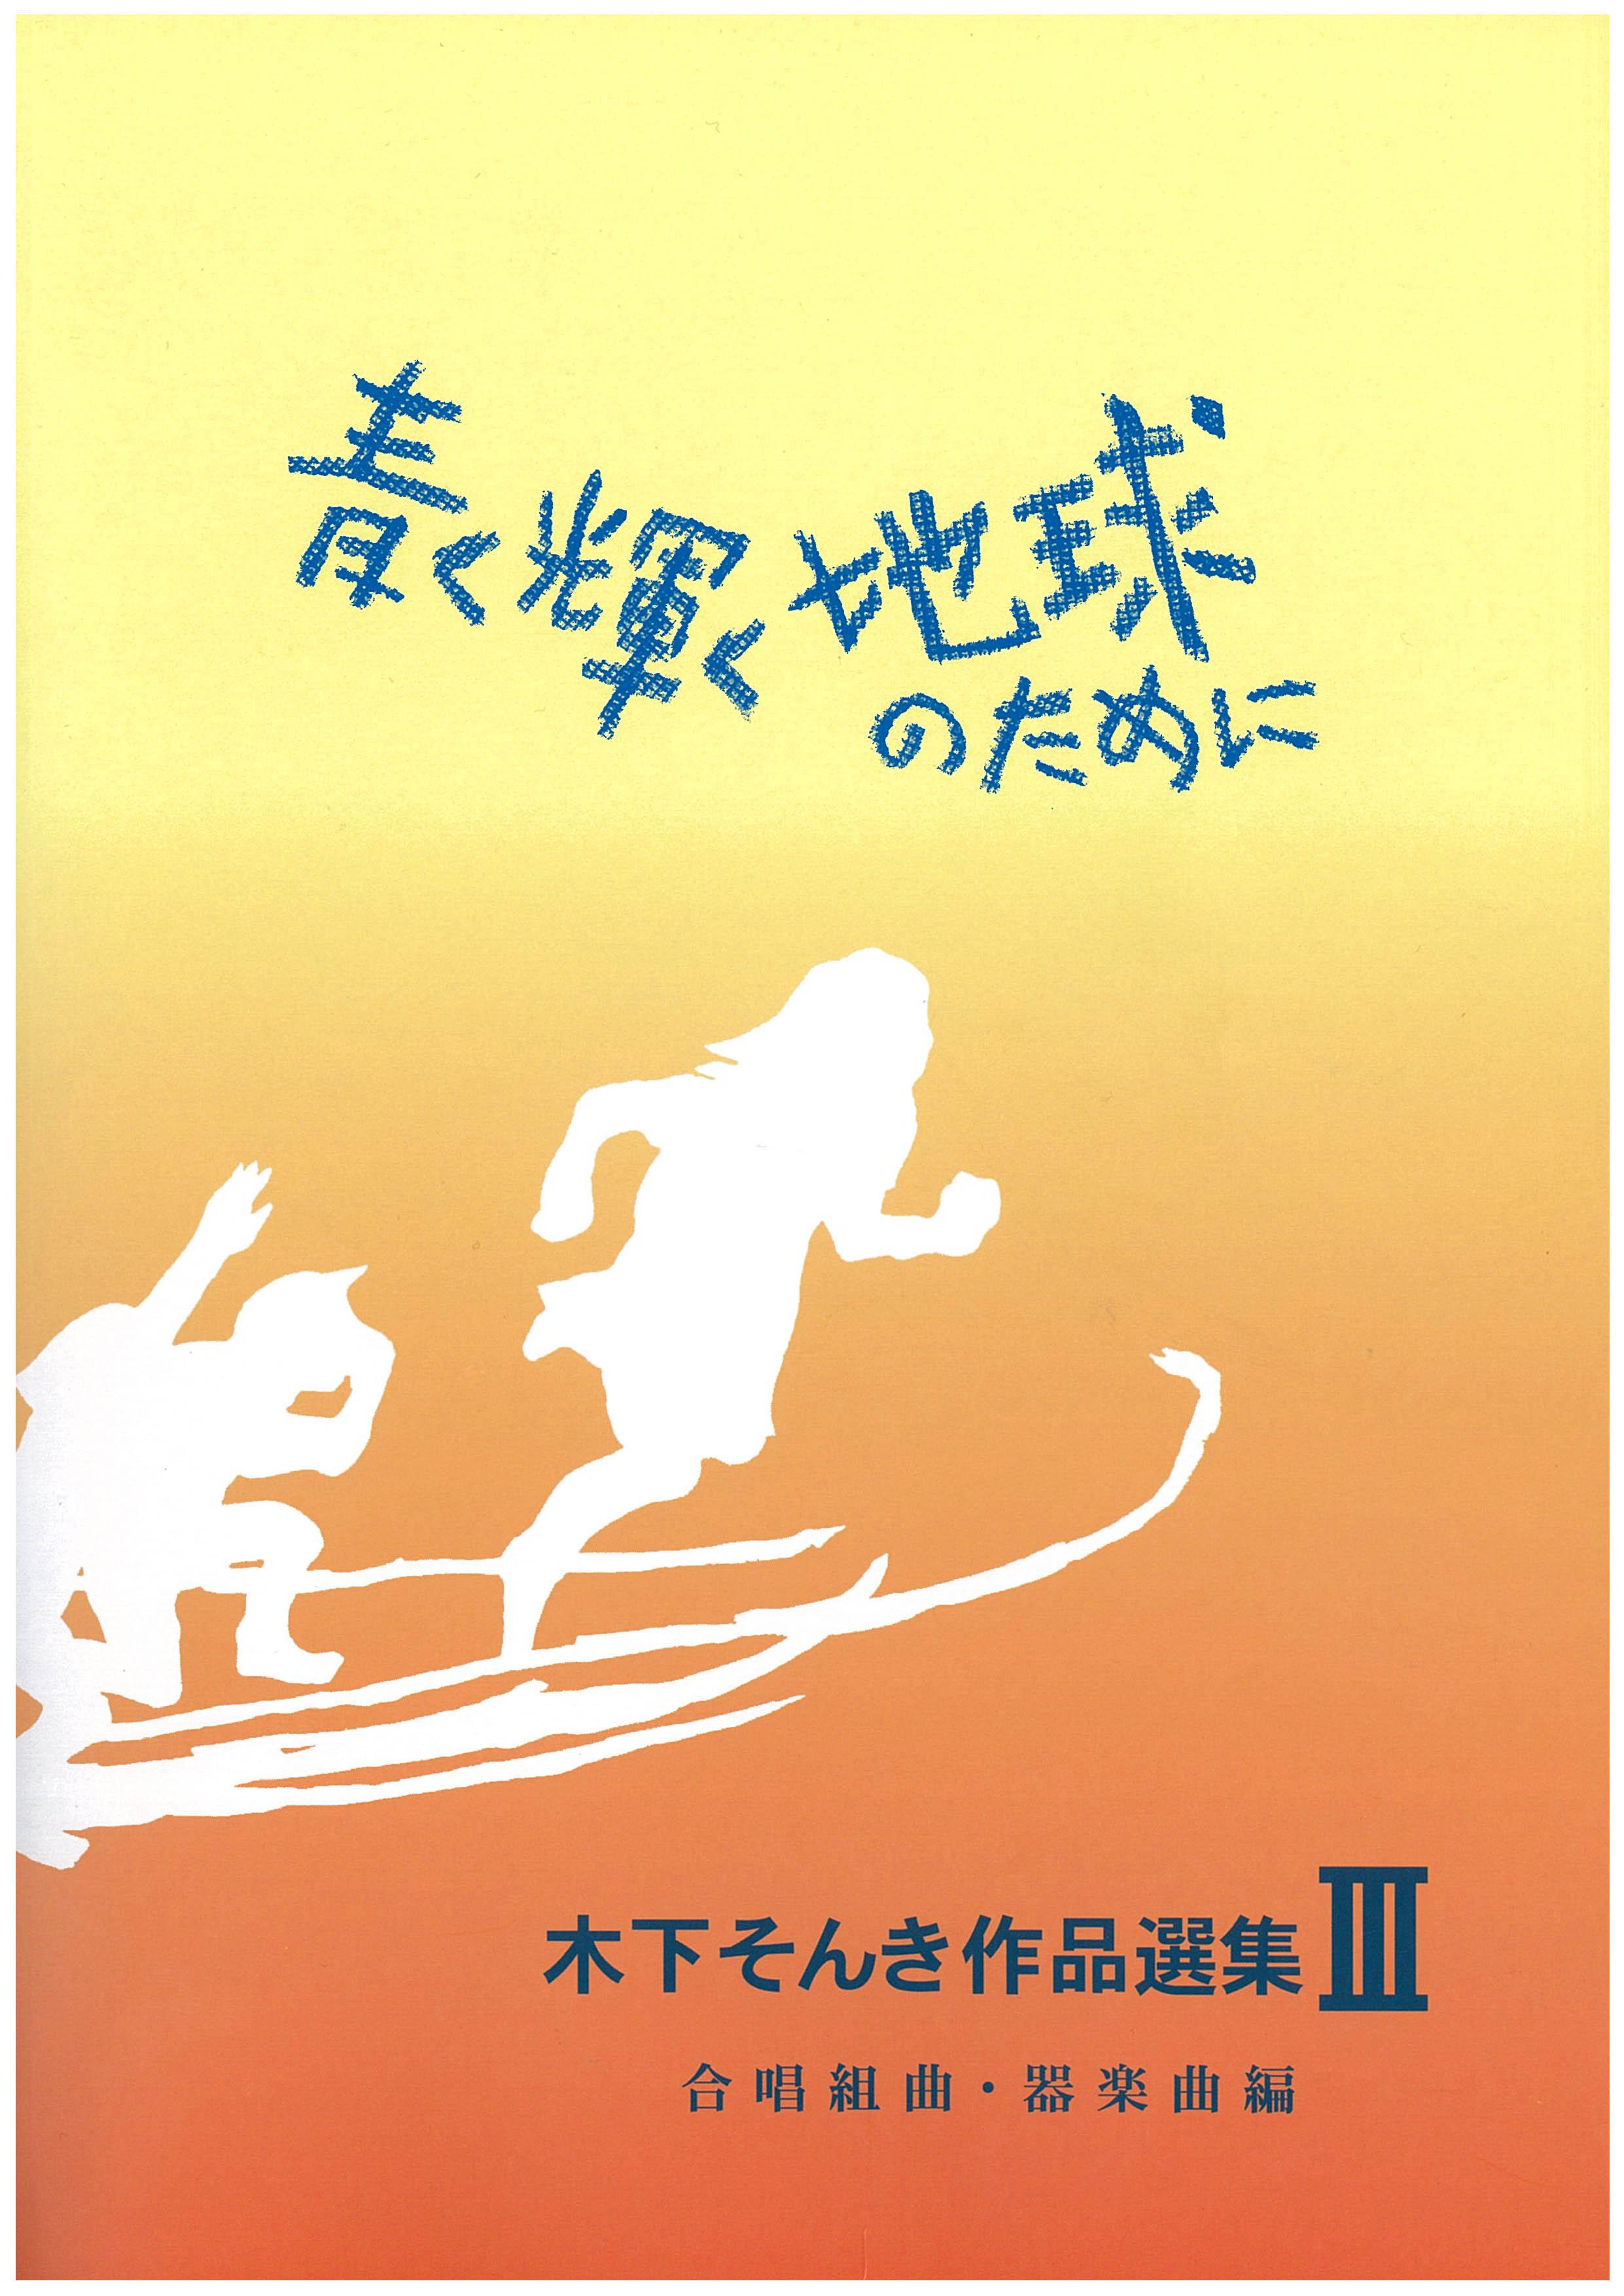 木下そんき作品選集3「青く輝く地球のために」